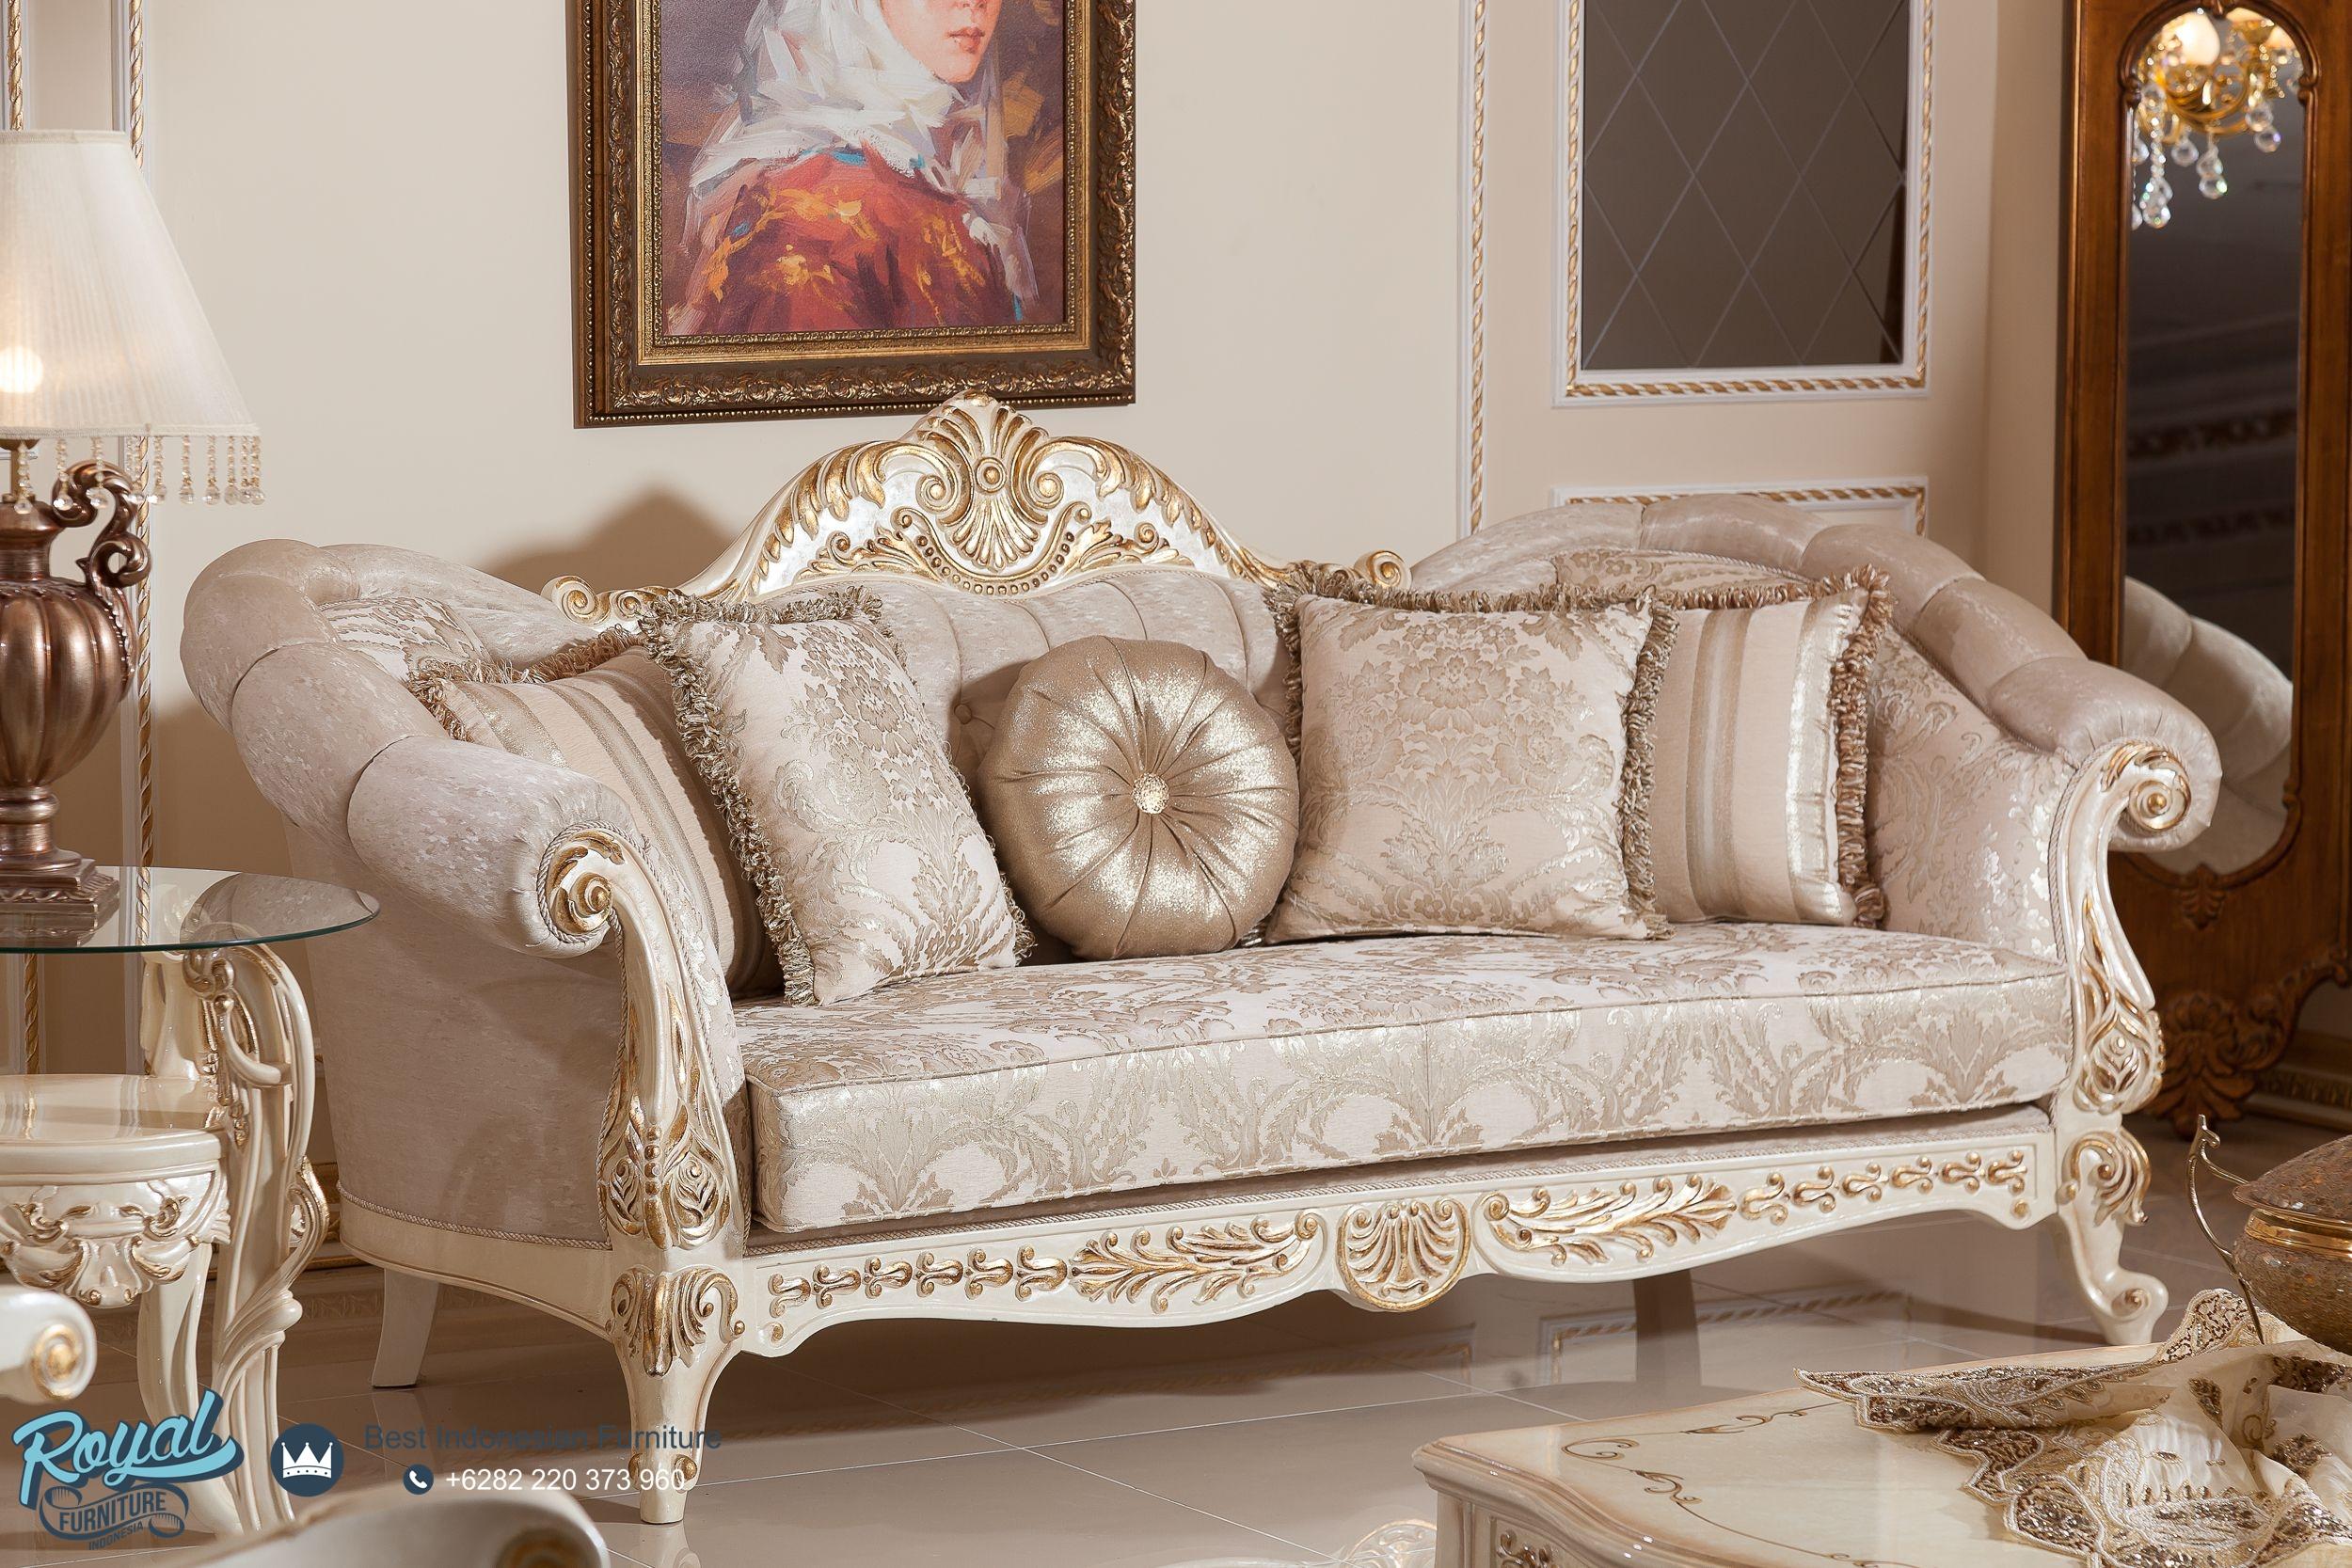 Sofa Tamu Modern Mewah Ukir Jepara Terbaru Italian New Design, sofa tamu klasik minimalis, sofa tamu klasik modern, sofa tamu klasik mewah, harga sofa klasik modern, sofa ruang tamu mewah modern, harga sofa tamu tamu jati jepara, sofa mewah minimalis, sofa tamu jepara terbaru 2020, sofa tamu kayu jati ukir, sofa tamu mewah terbaru, sofa tamu mewah klasik, sofa tamu mewah ukiran, sofa tamu mewah asli jepara, sofa ruang tamu mewah modern, kursi sofa tamu mewah, model sofa tamu modern warna putih, desain sofa ruang tamu klasik minimalis, sofa tamu mewah terbaru, sofa tamu mewah kulit asli, sofa jati terbaru, sofa jati jepara terbaru, sofa jati klasik, sofa tamu klasik eropa jati, gambar kursi tamu mewah terbaik, mebel jepara, furniture jepara, royal furniture